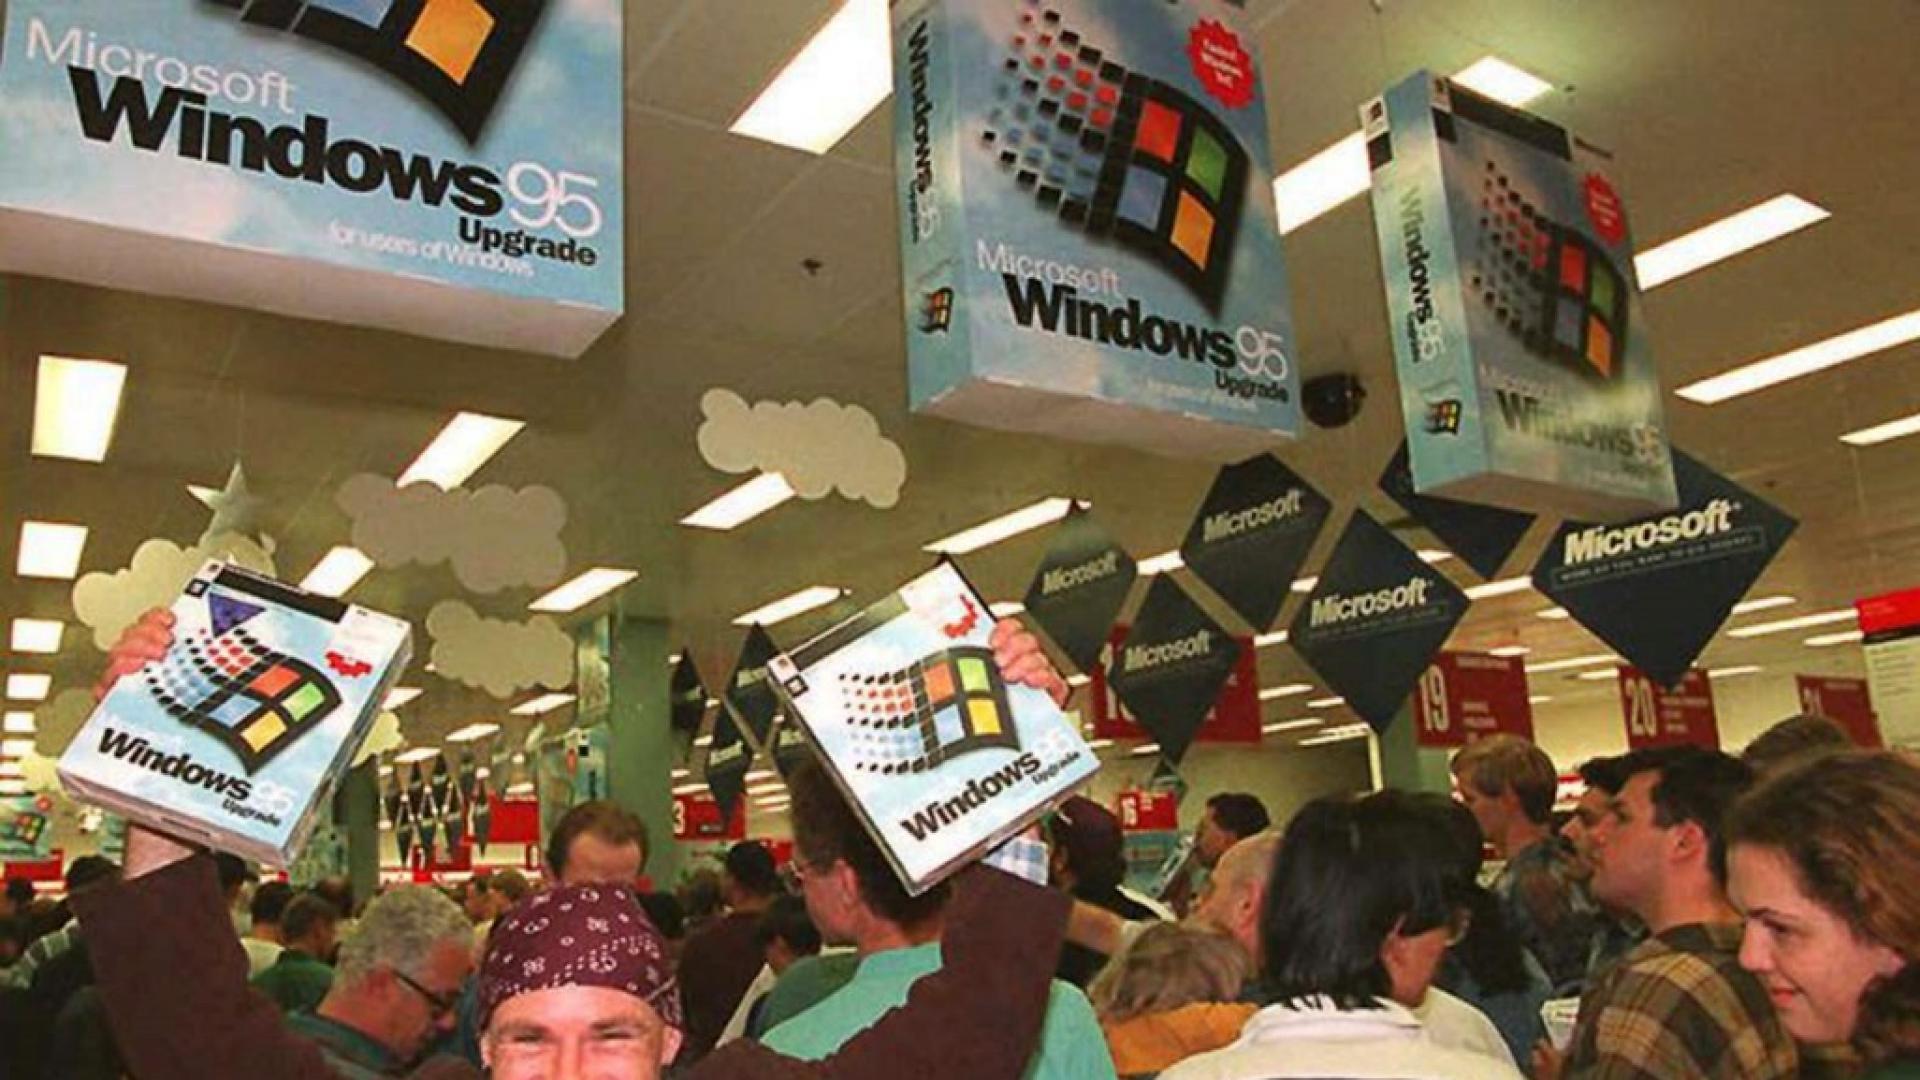 24 август 1995: Истерията около Windows 95